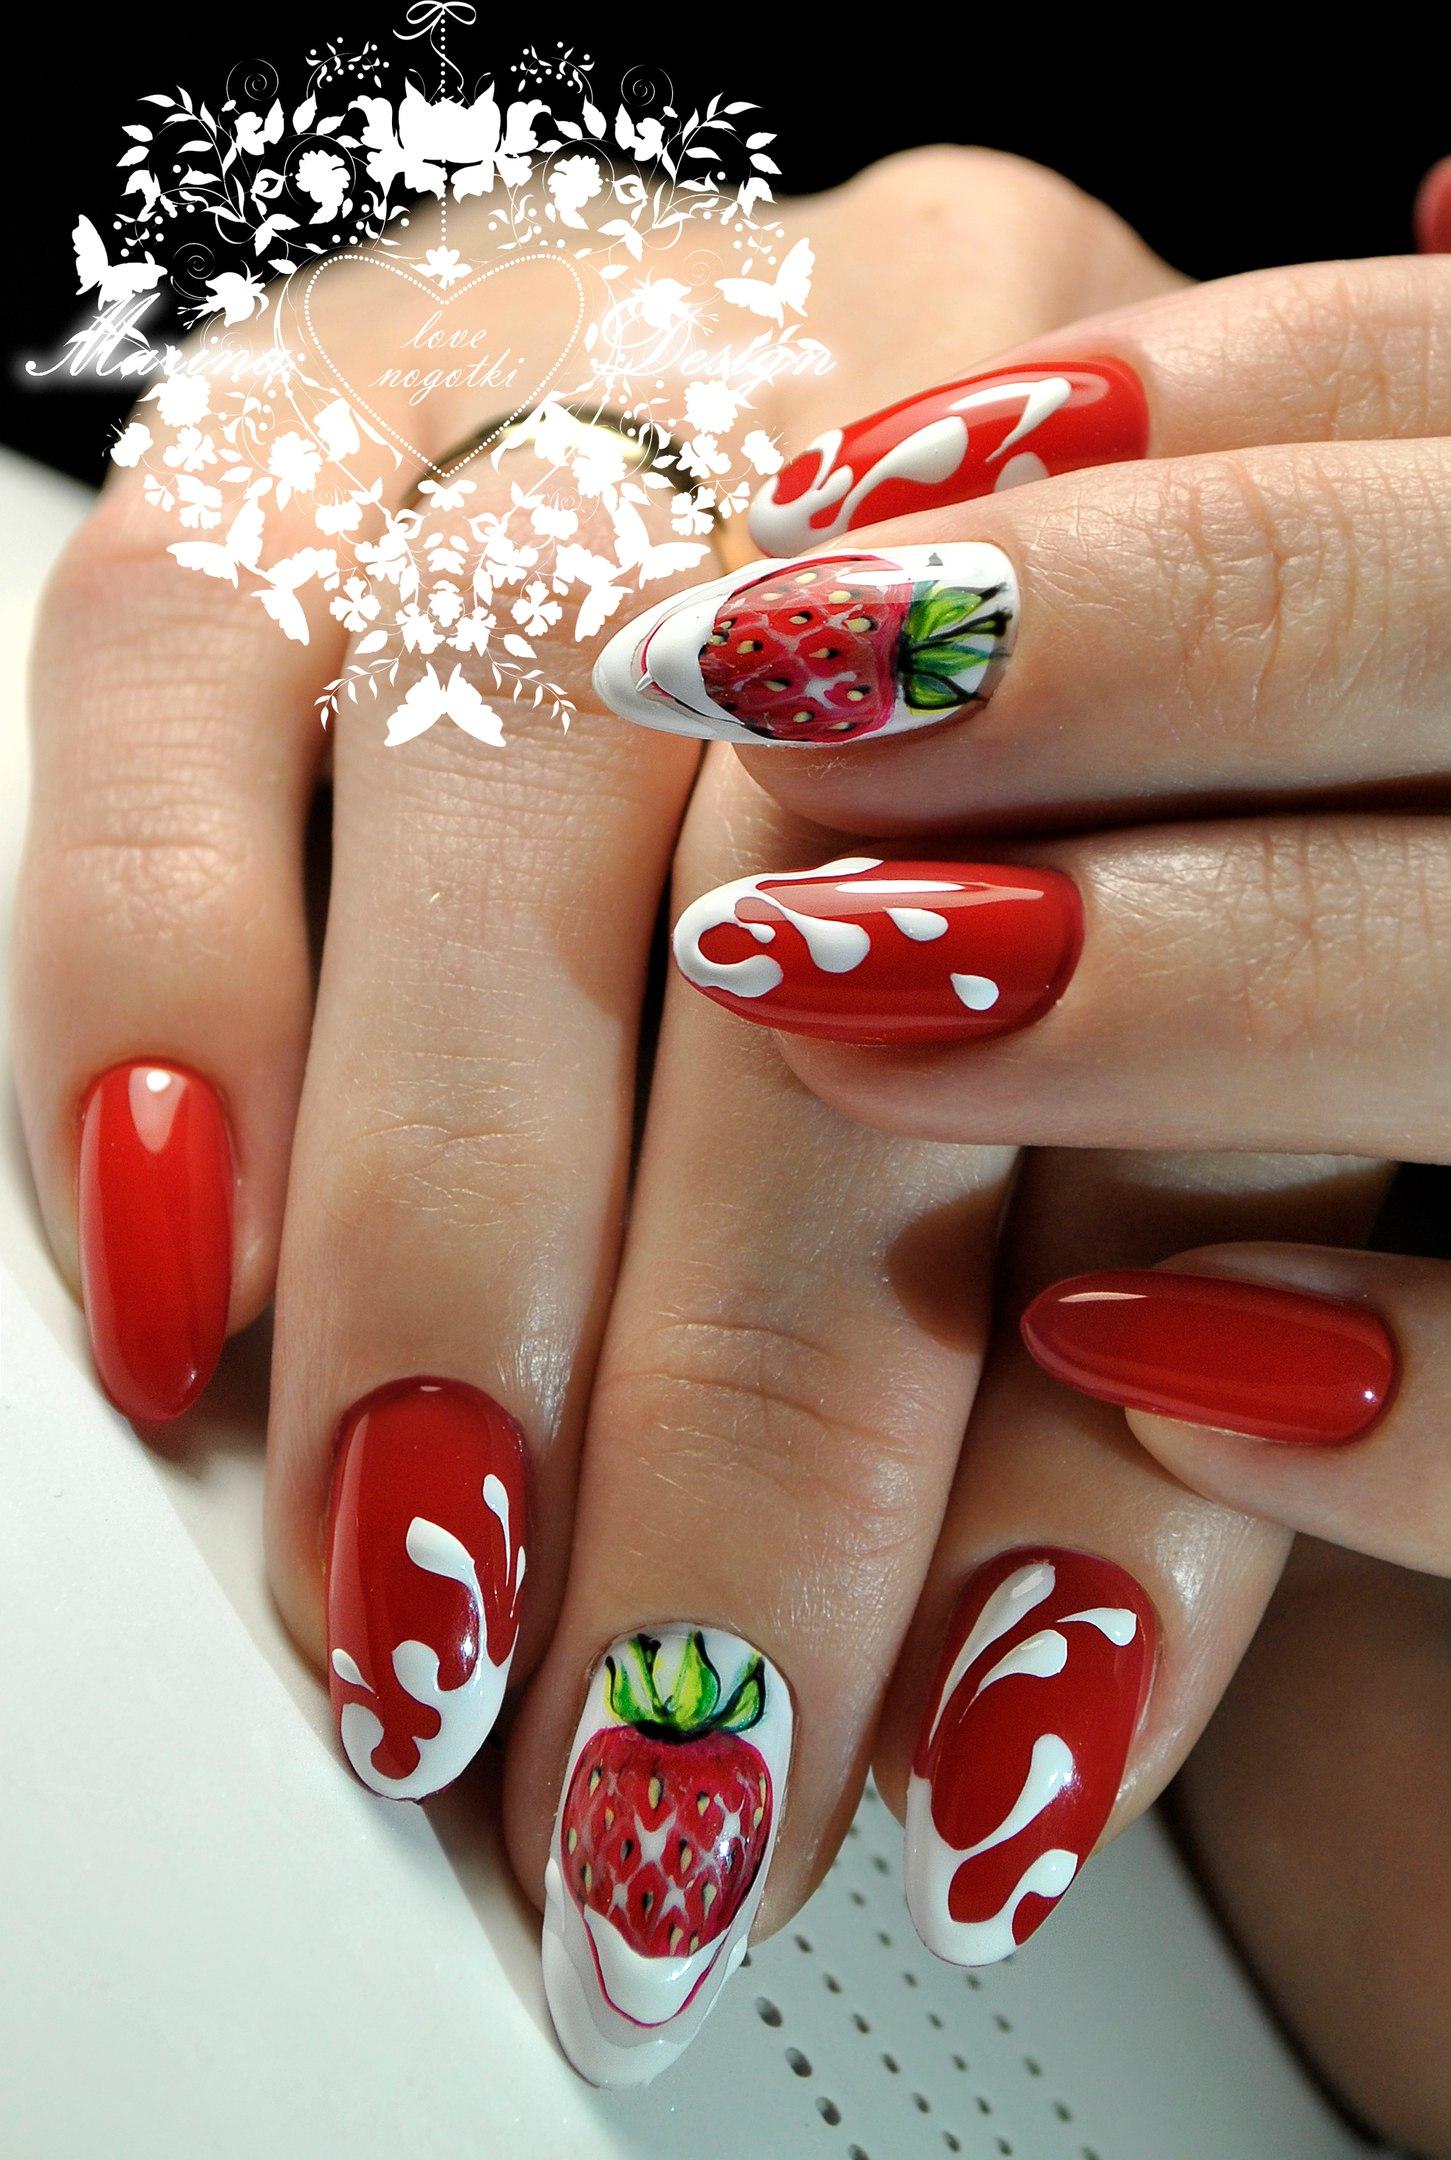 Фото разноцветного маникюра на нарощенных ногтях